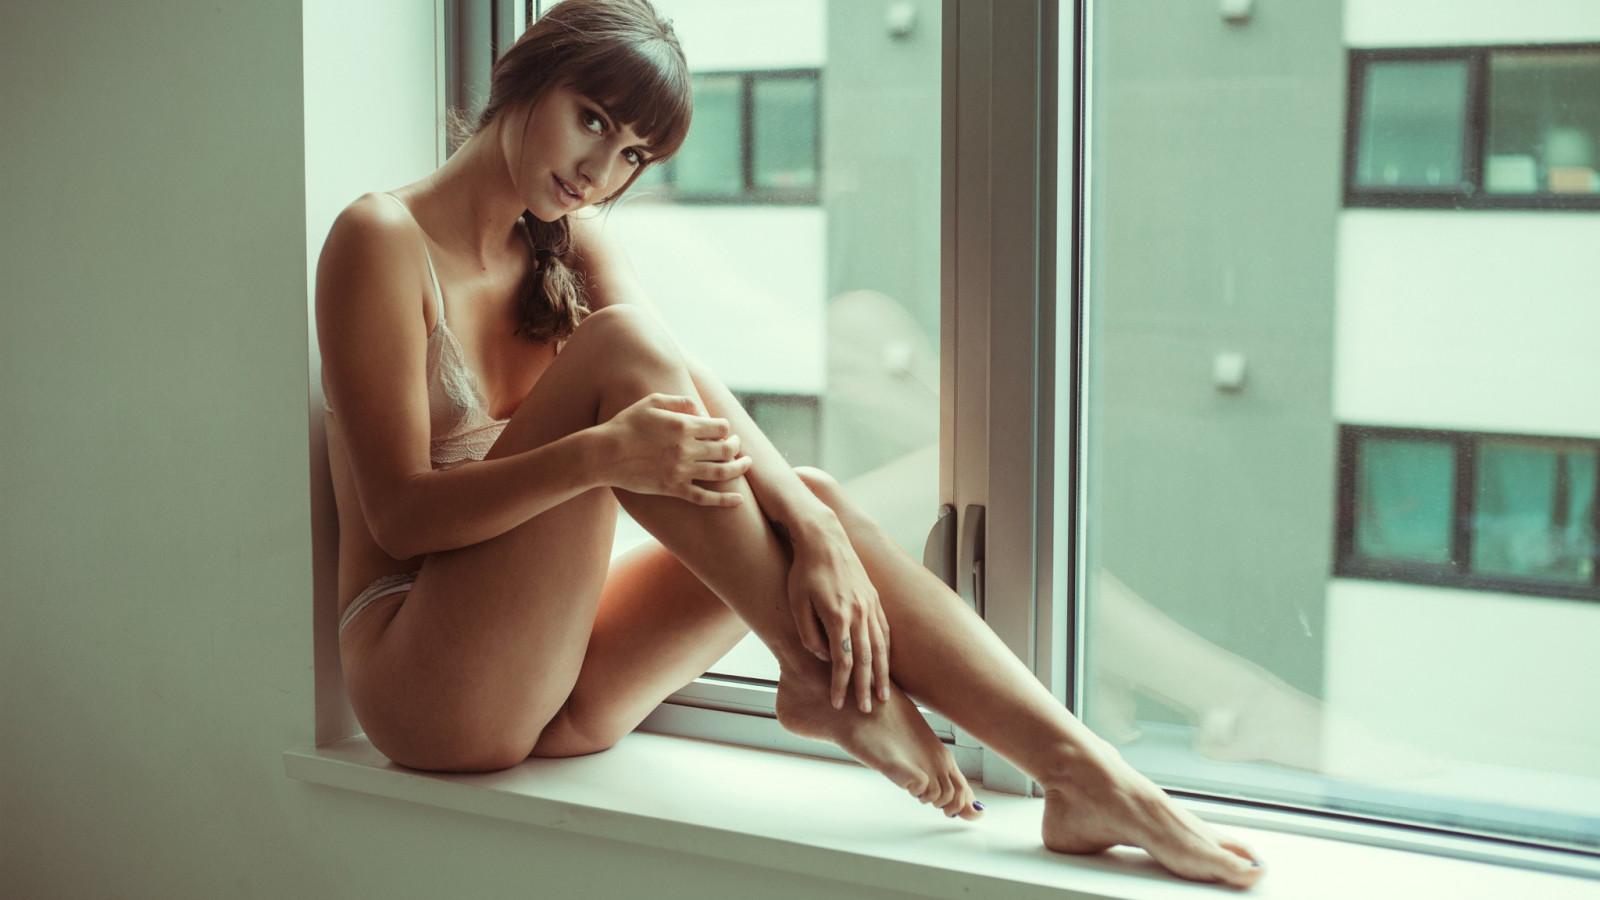 очень красивая девушка показывает свое тело утро